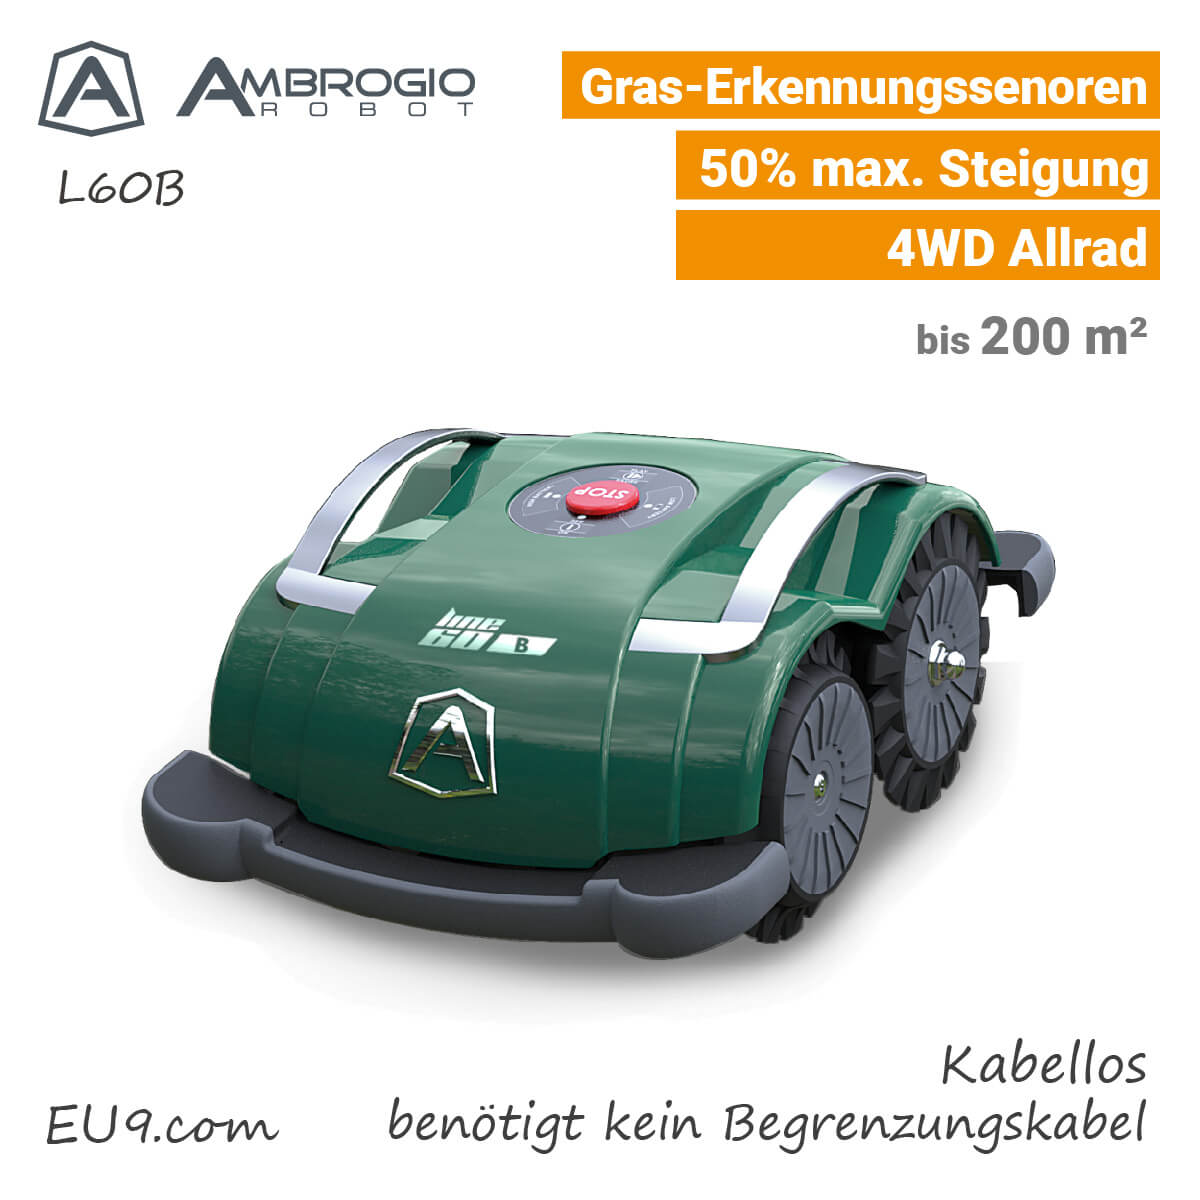 ambrogio l60b rasenroboter kabellos - bei eu9 günstig kaufen! - Gartenabgrenzungen Aus Stein